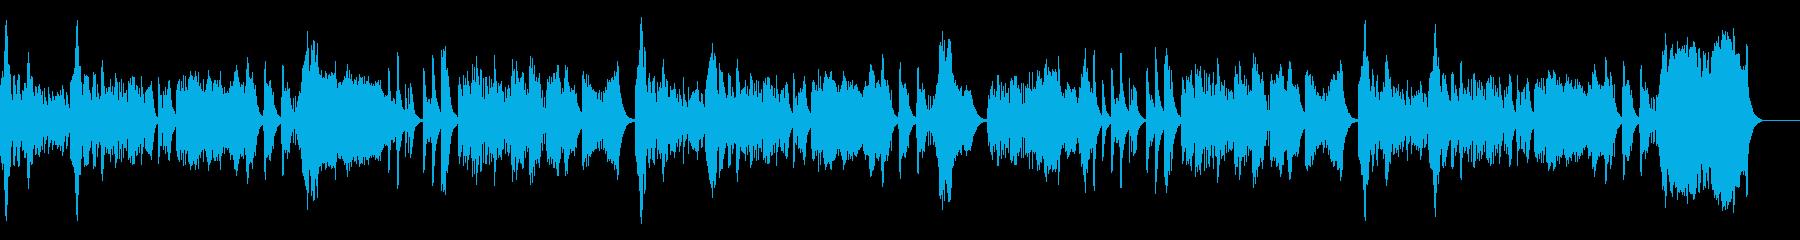 メルヘンでかわいいオルゴールの再生済みの波形